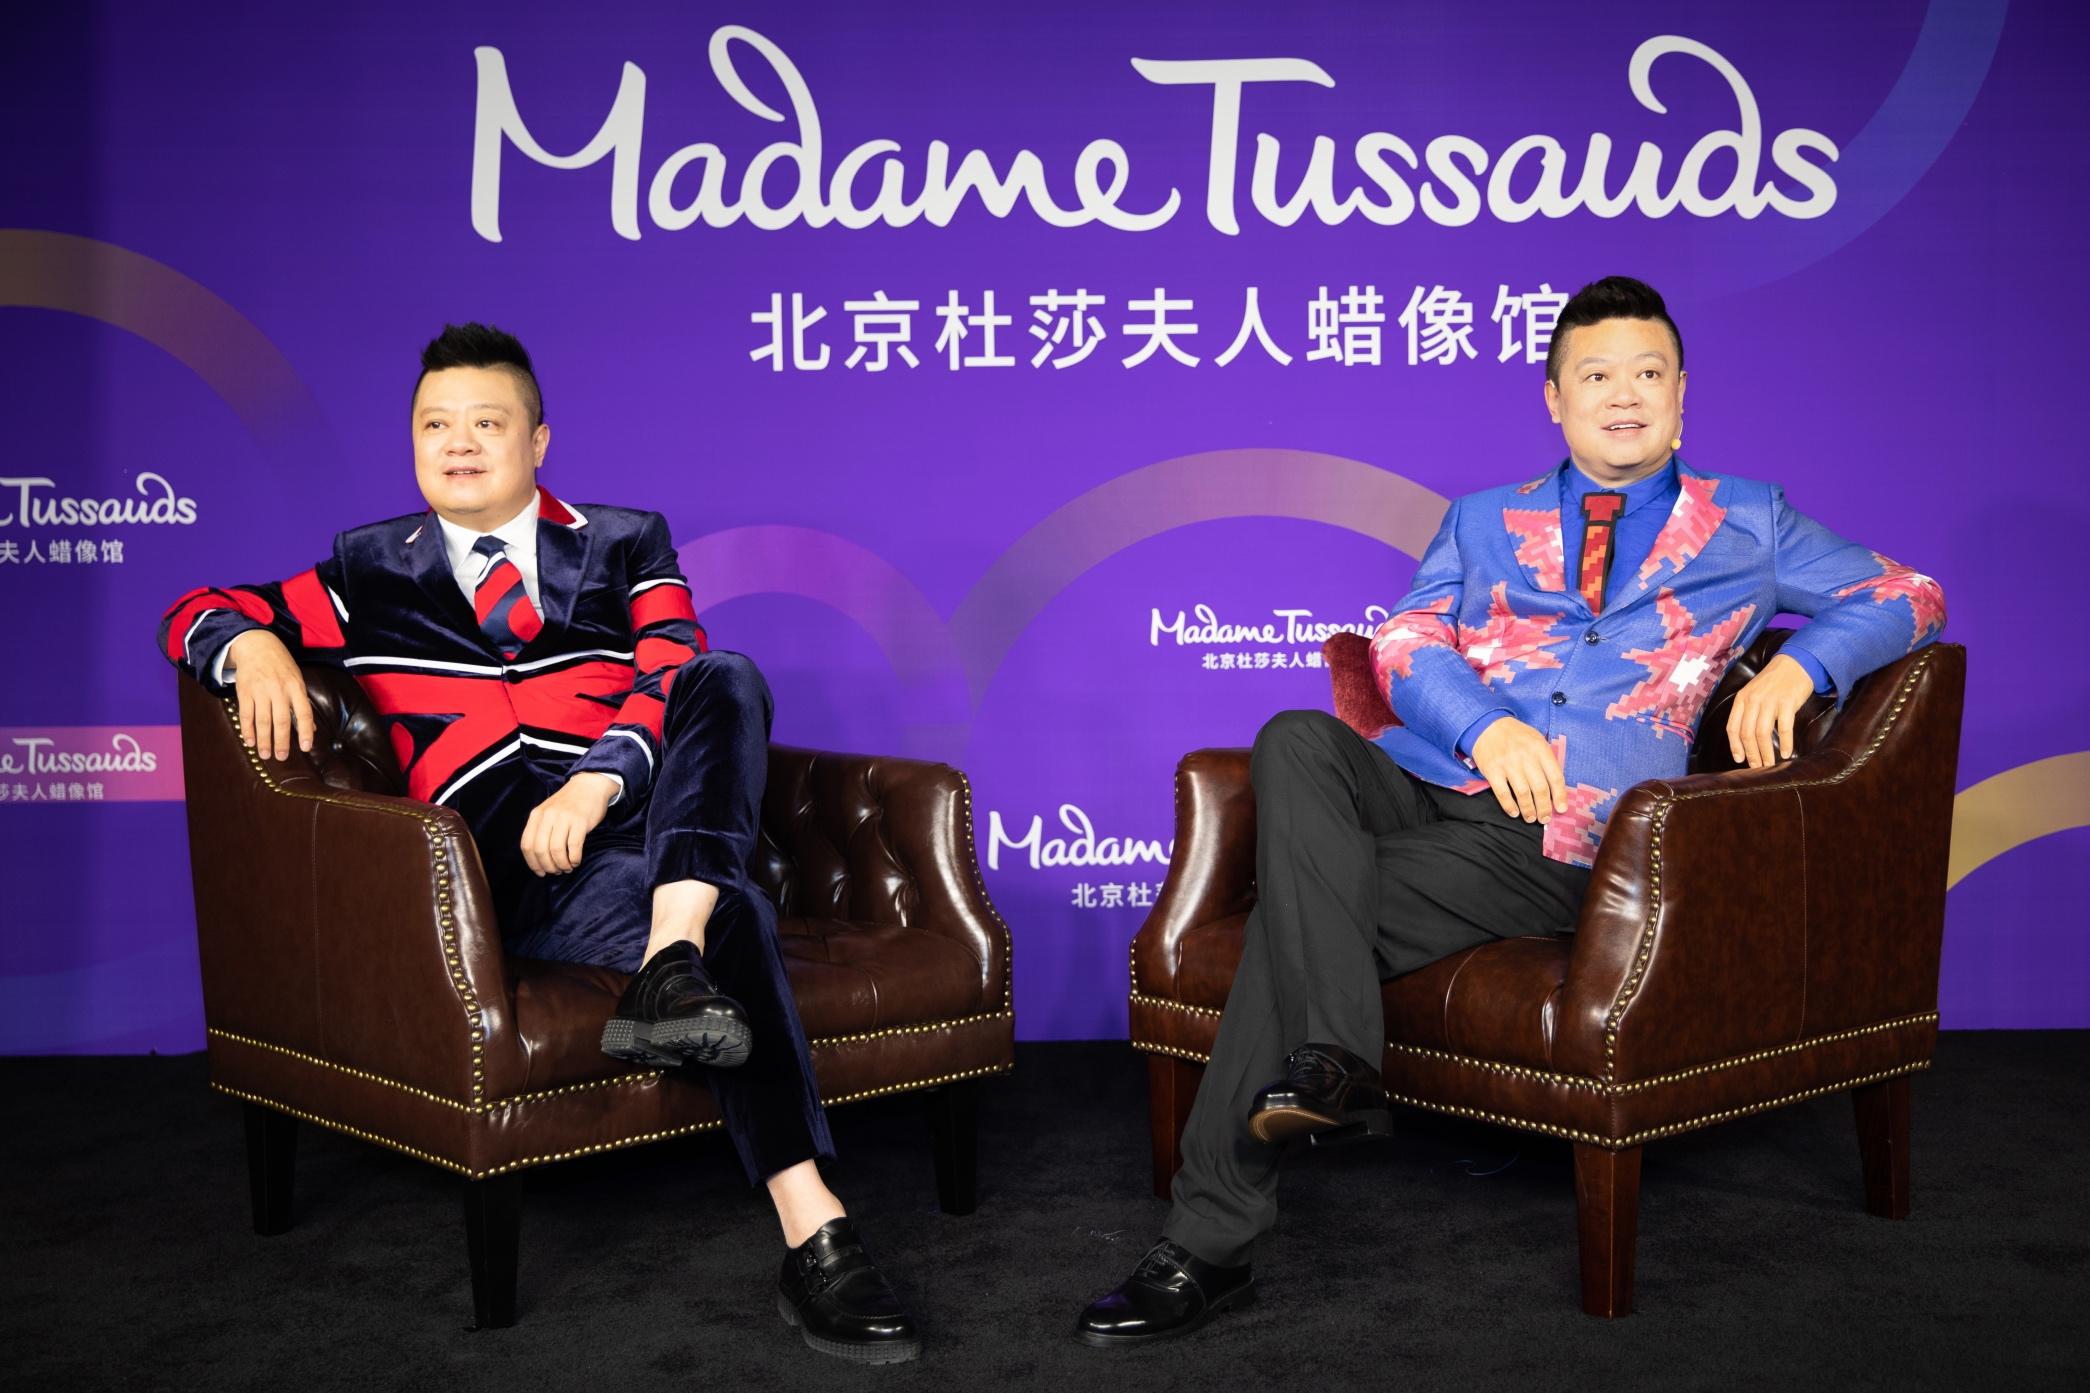 马东蜡像成功入驻北京杜莎夫人蜡像馆